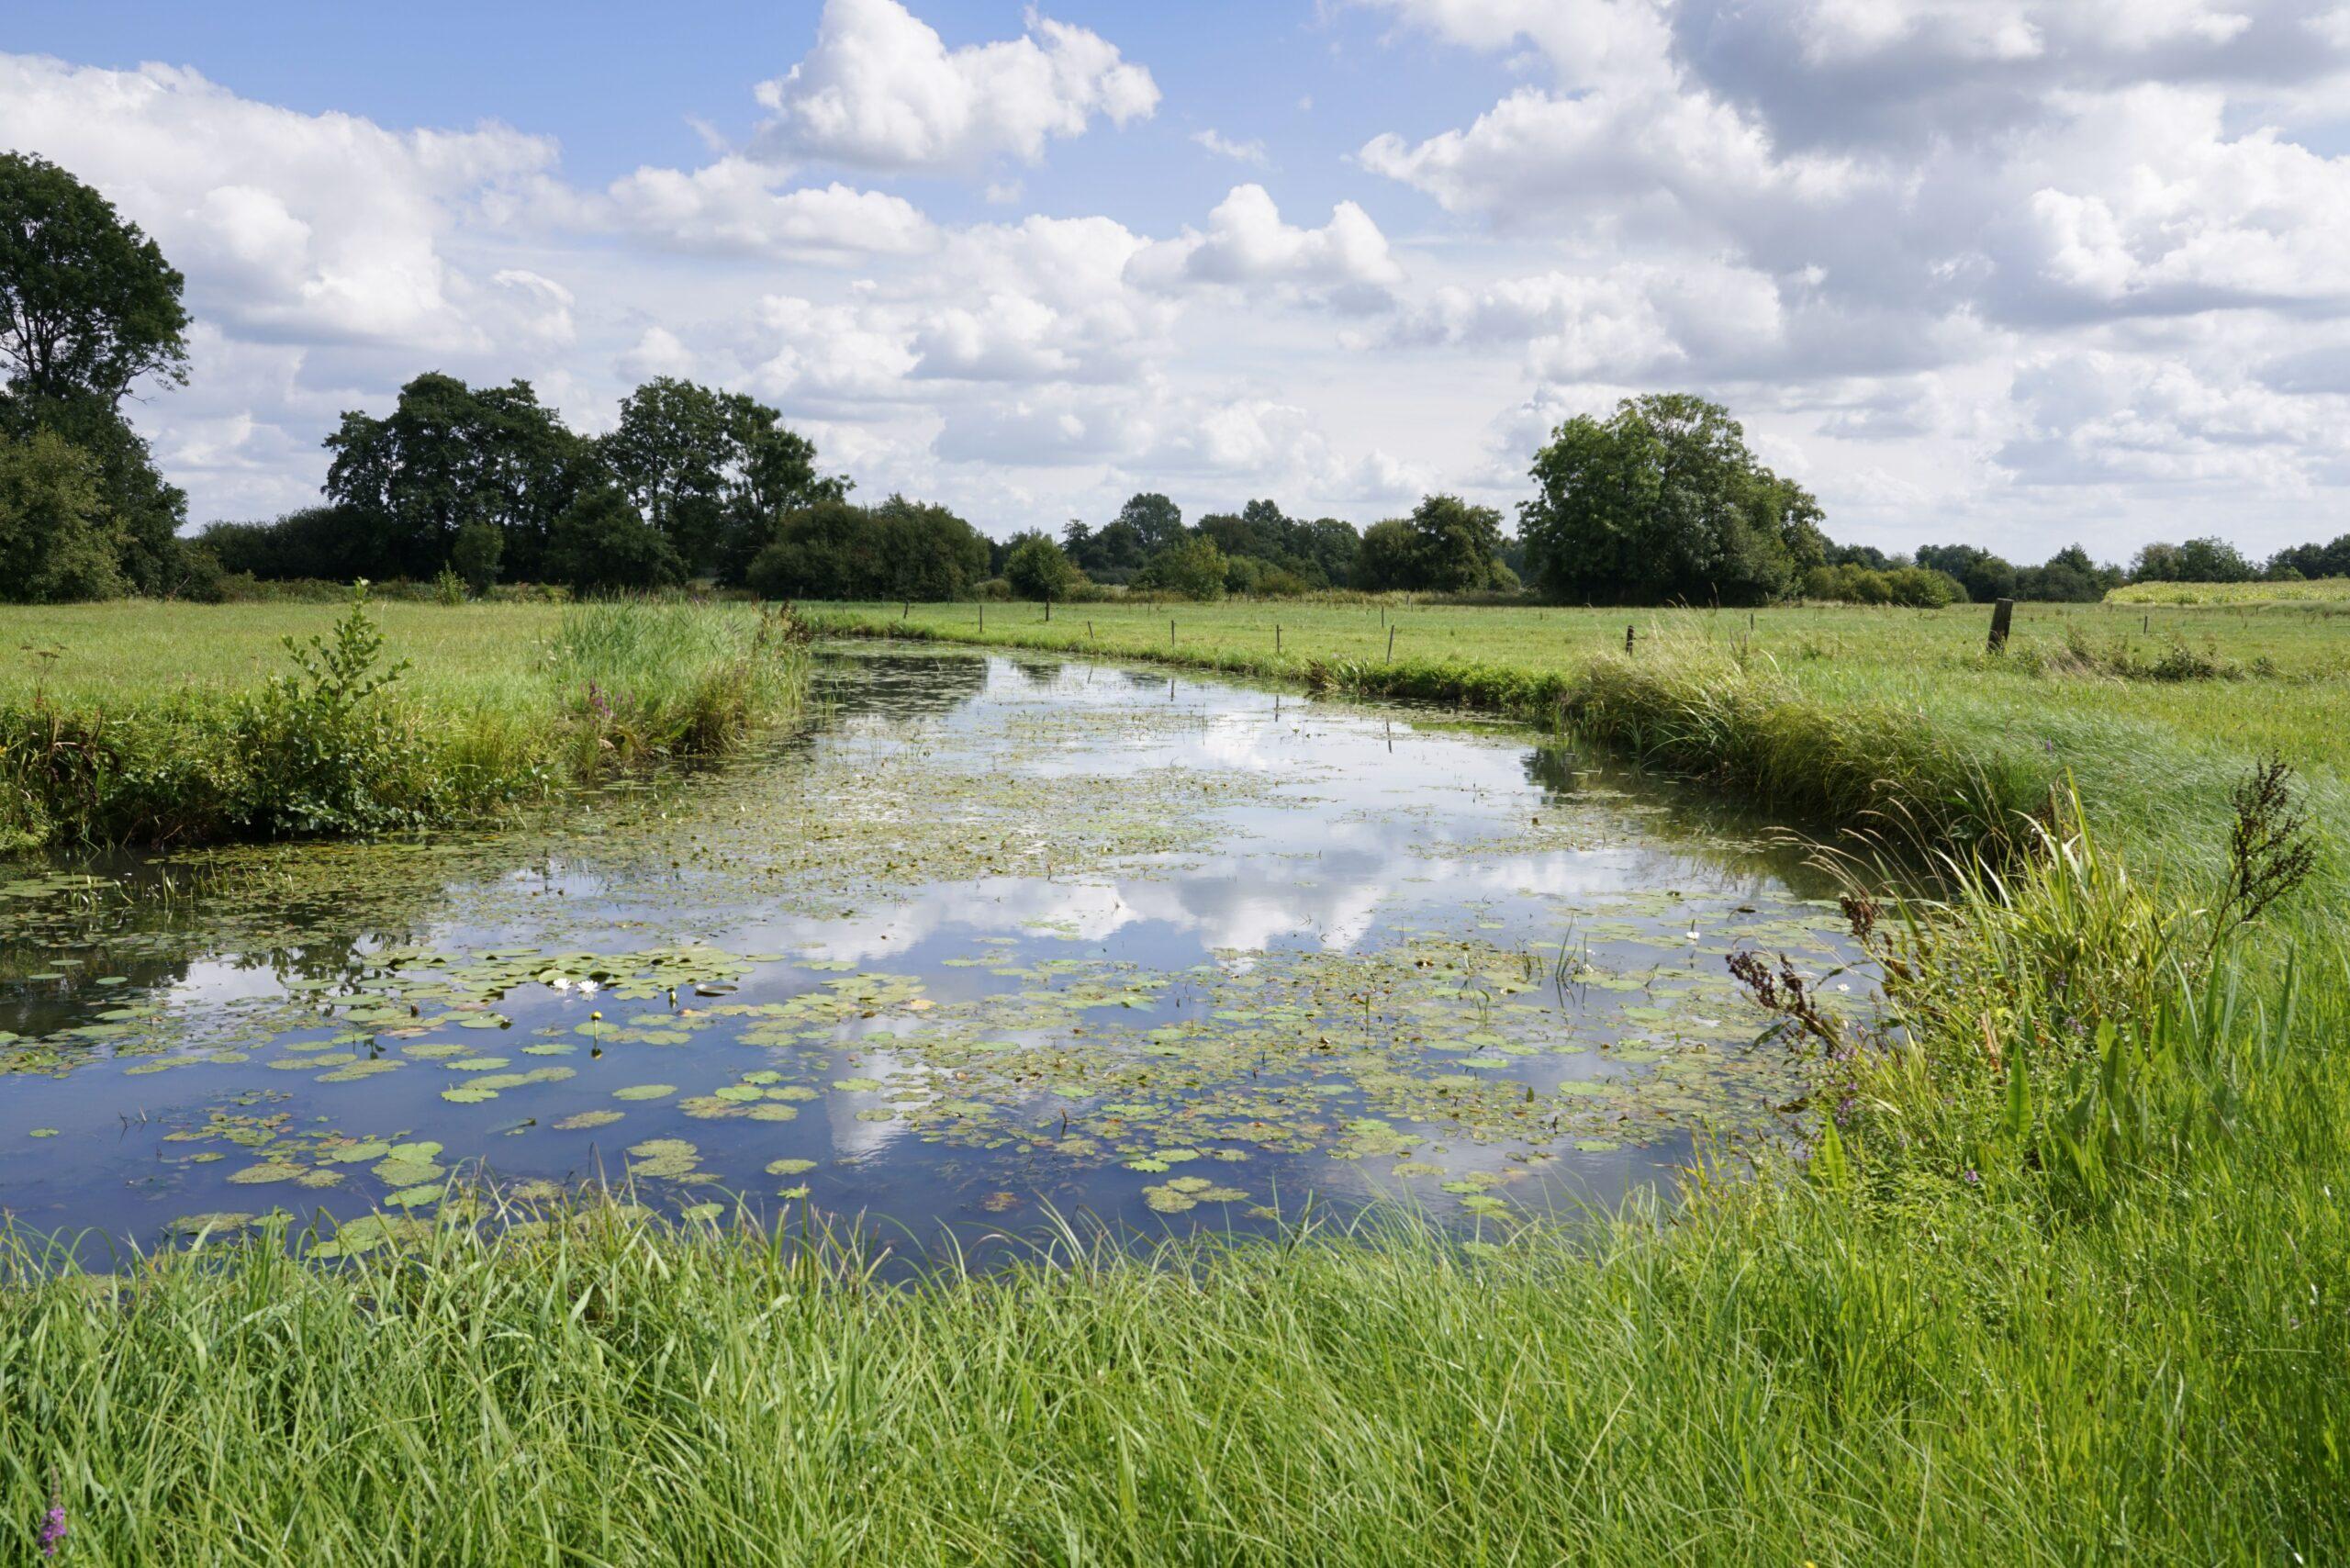 Op de foto is water (een grensrivier) te zien in de gemeente Meppel en Staphorst